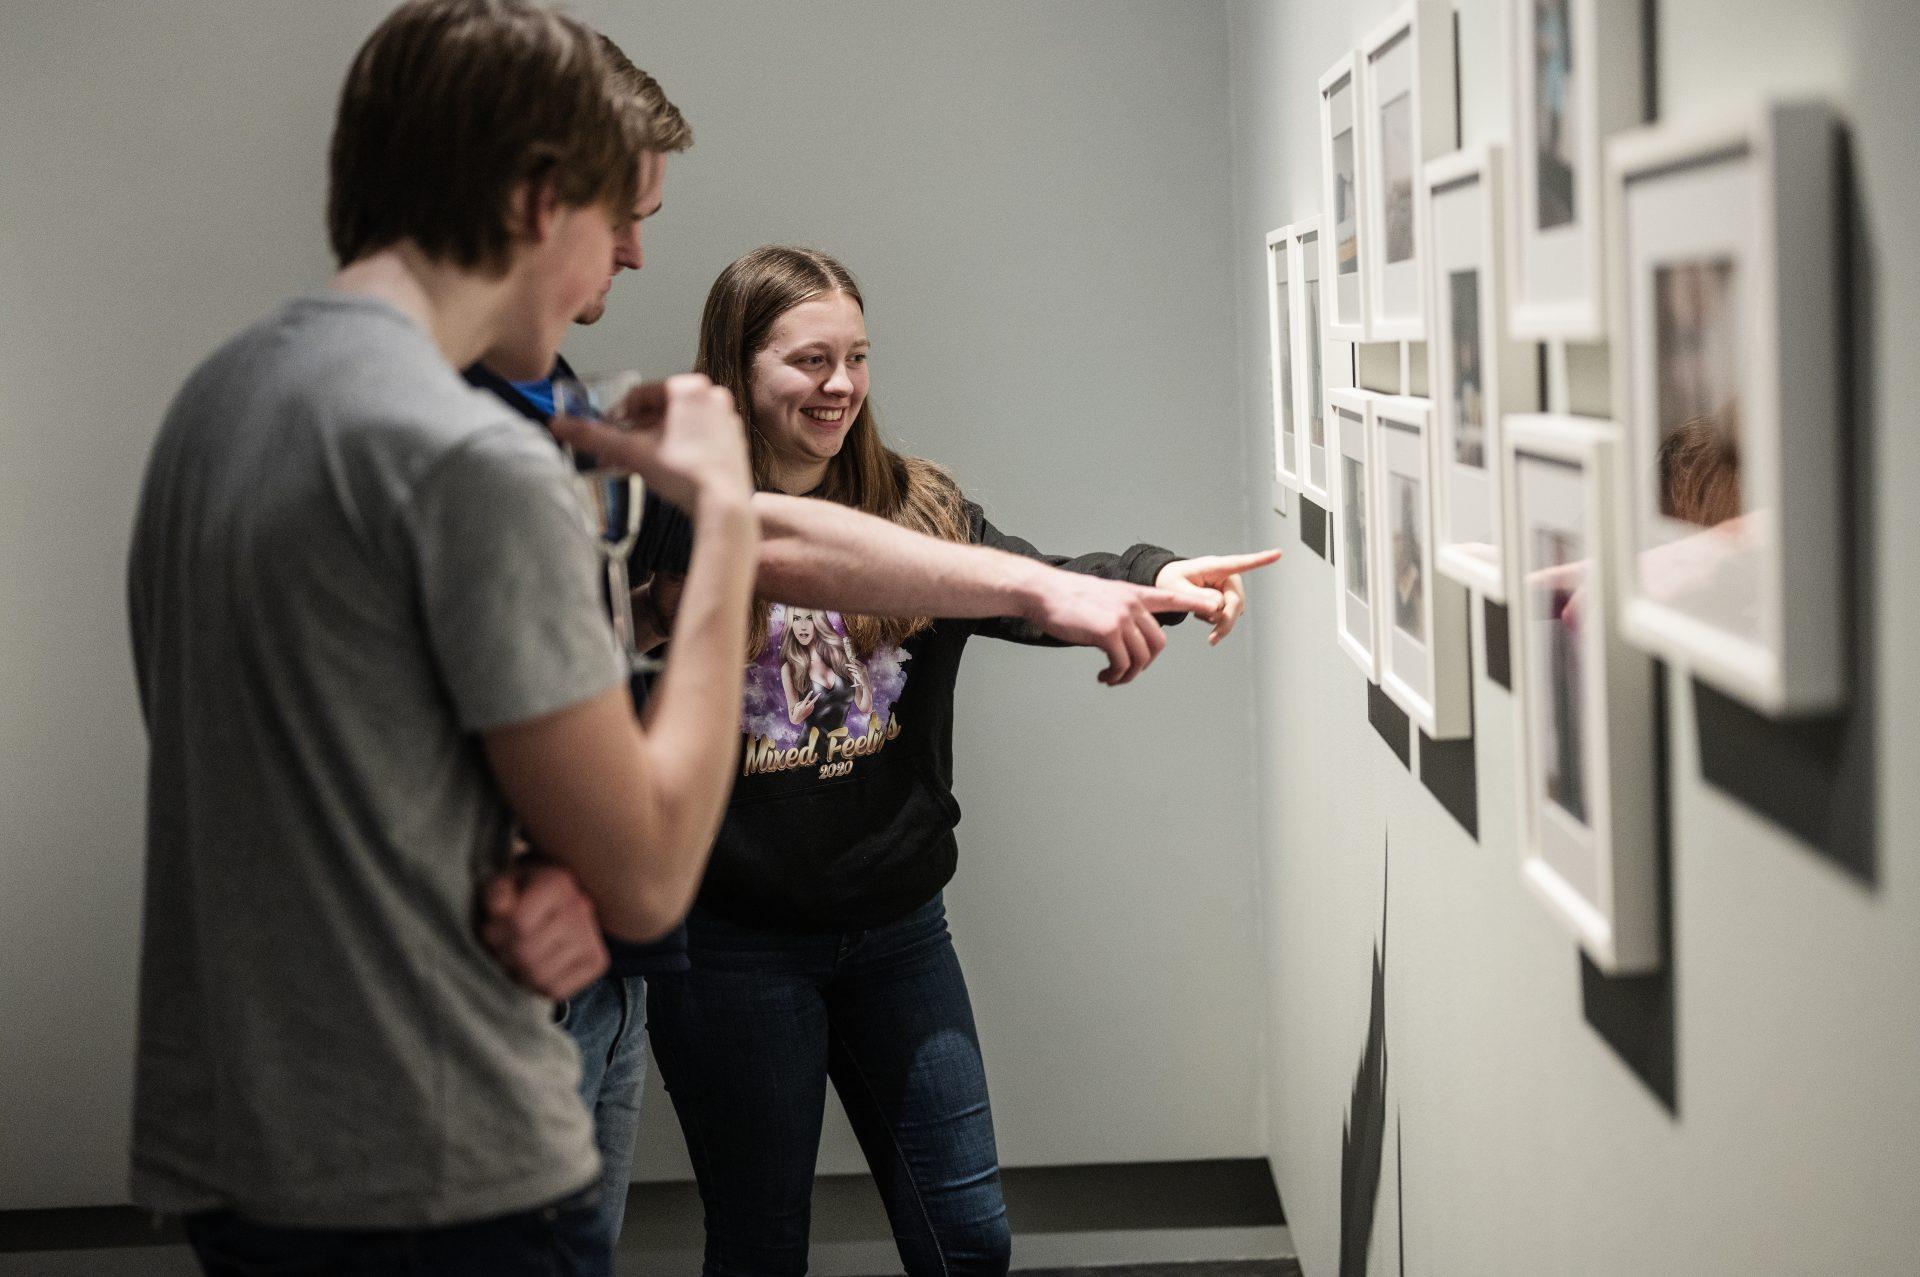 Bestill en guidet omvisning i en av våre utstillinger i sommer. Vårt museum har aktiviteter for barn, familier og voksne.